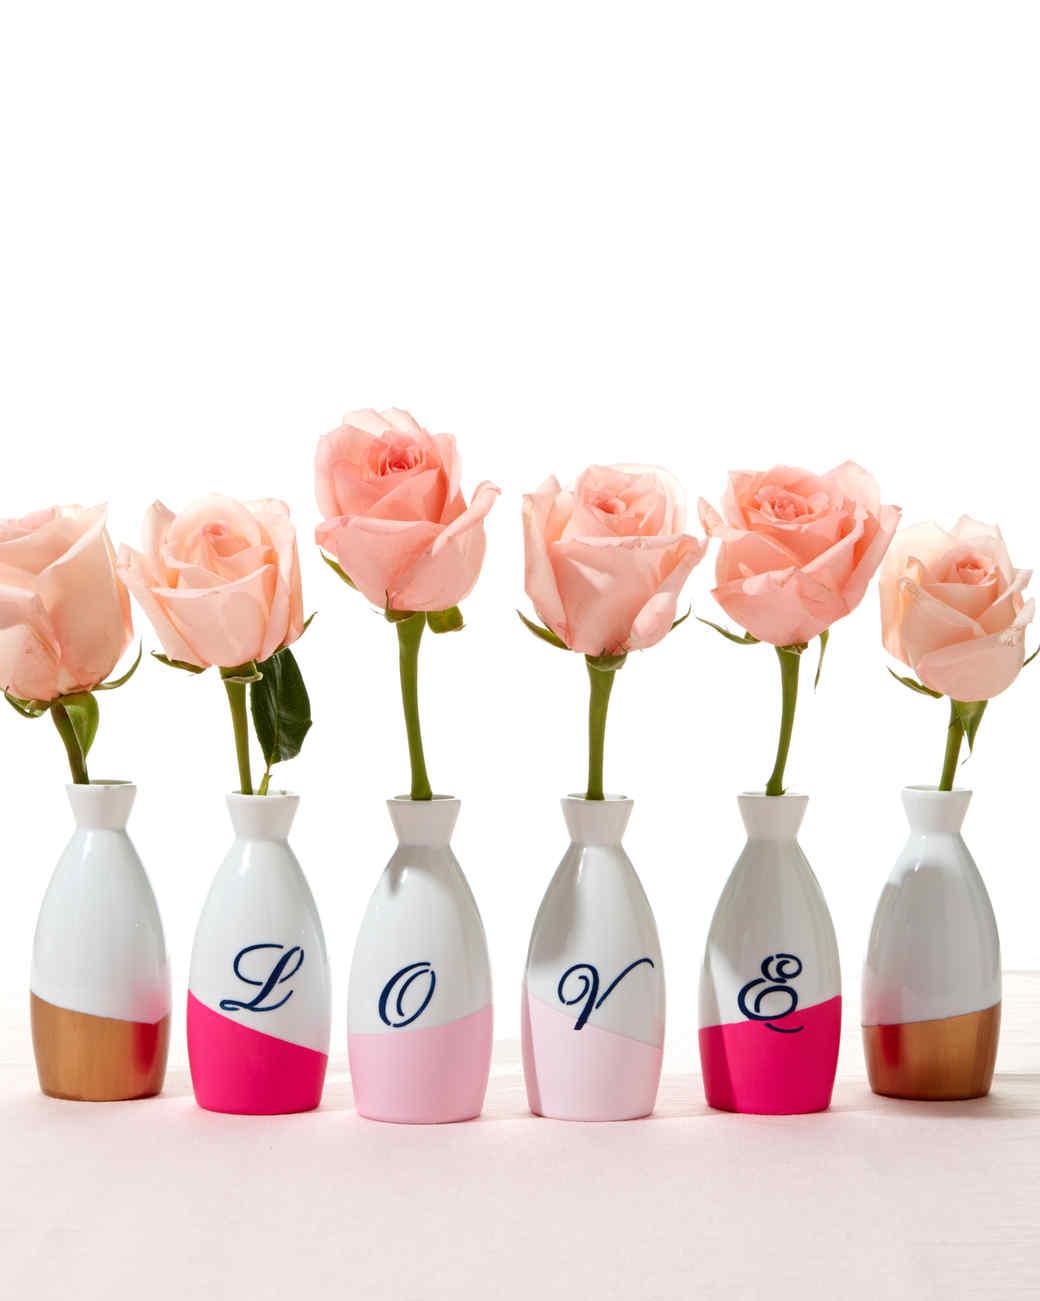 ideas de regalos san valentin hechos a mano, jarrones decorativos con fieltro letras, bonitos jarrones con rosas